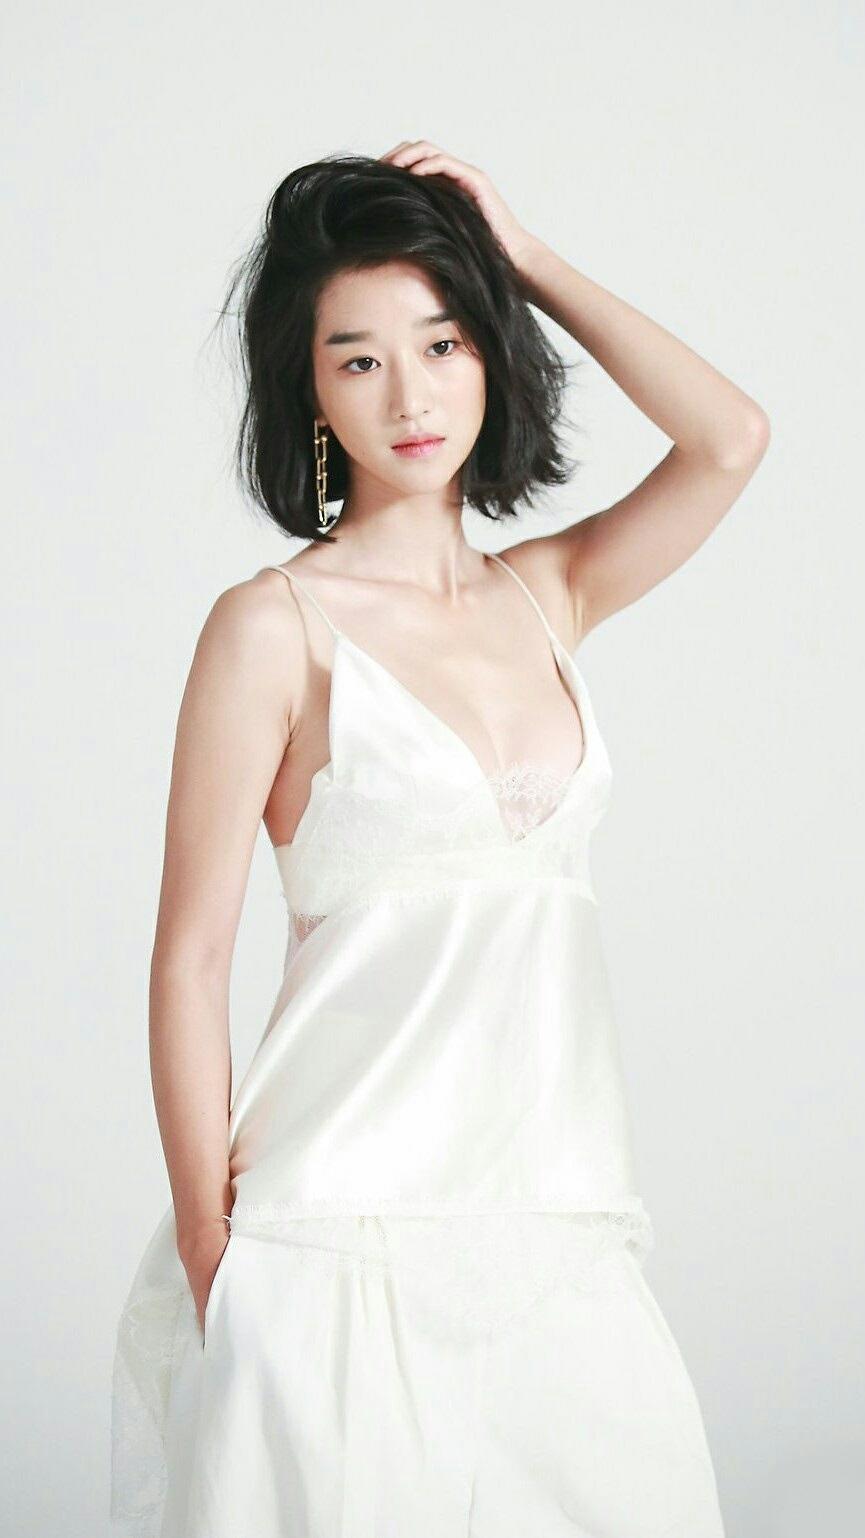 Seo Ye-ji 190412-1 – Hey girls